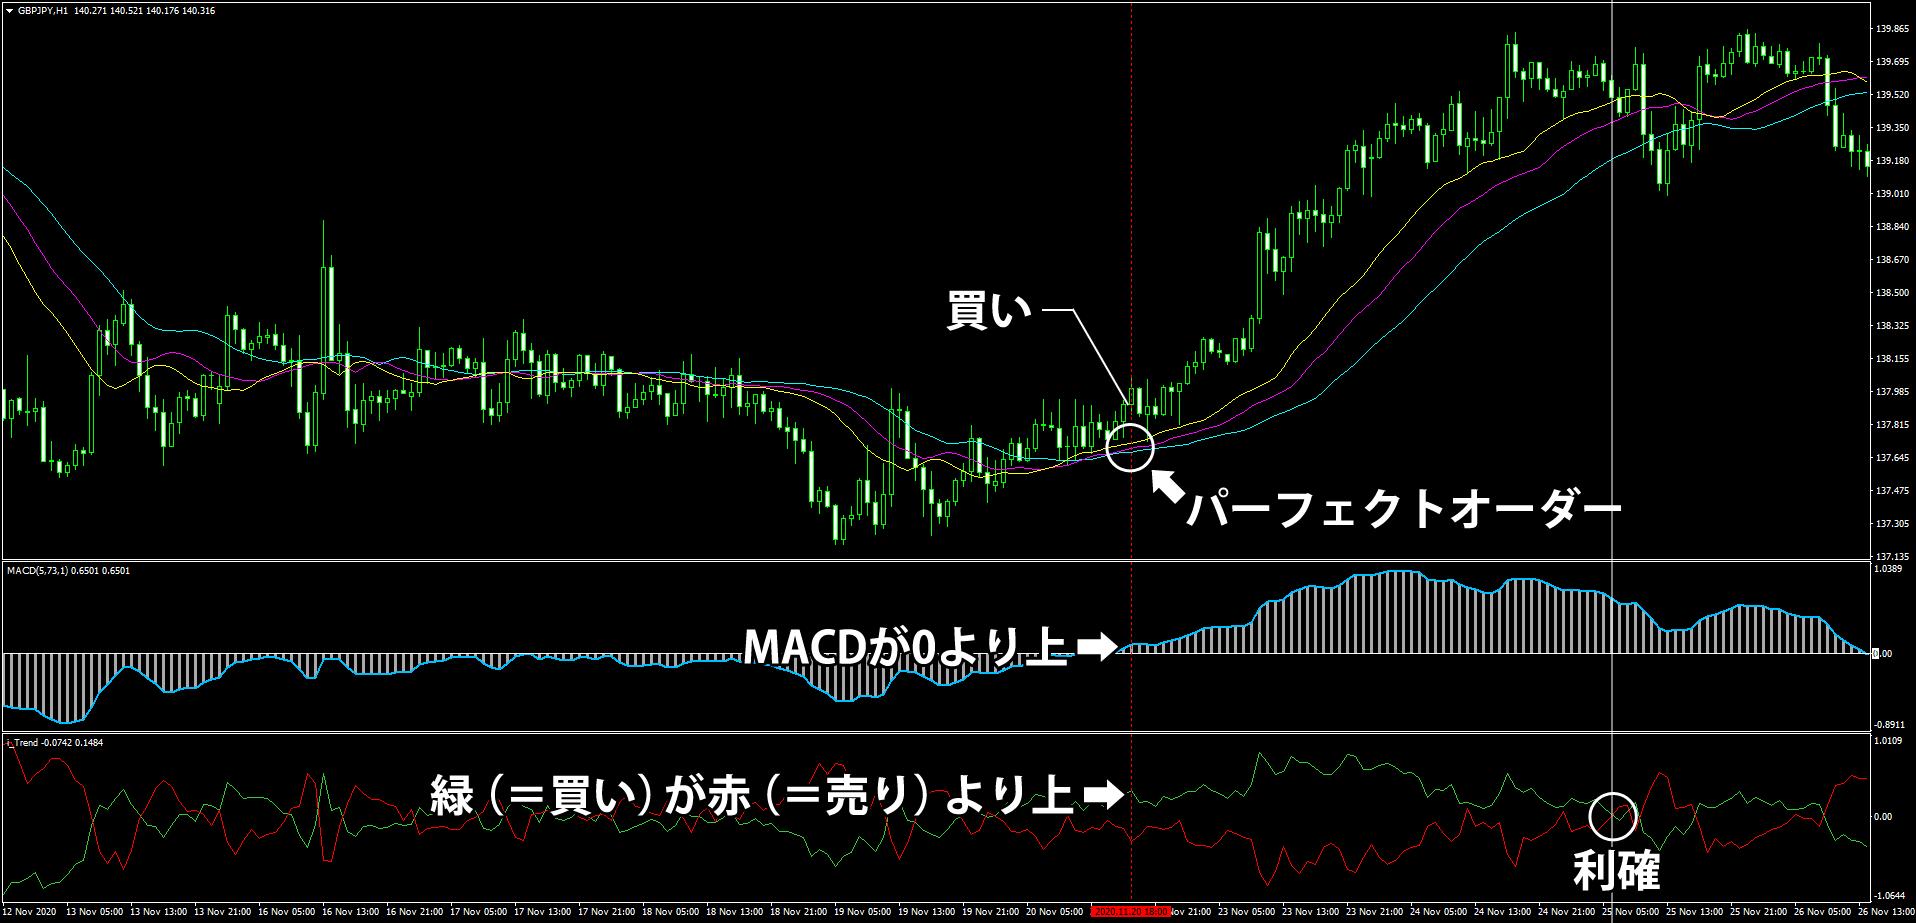 アリゲーターを使ったデイトレード手法のチャート(買いの事例)